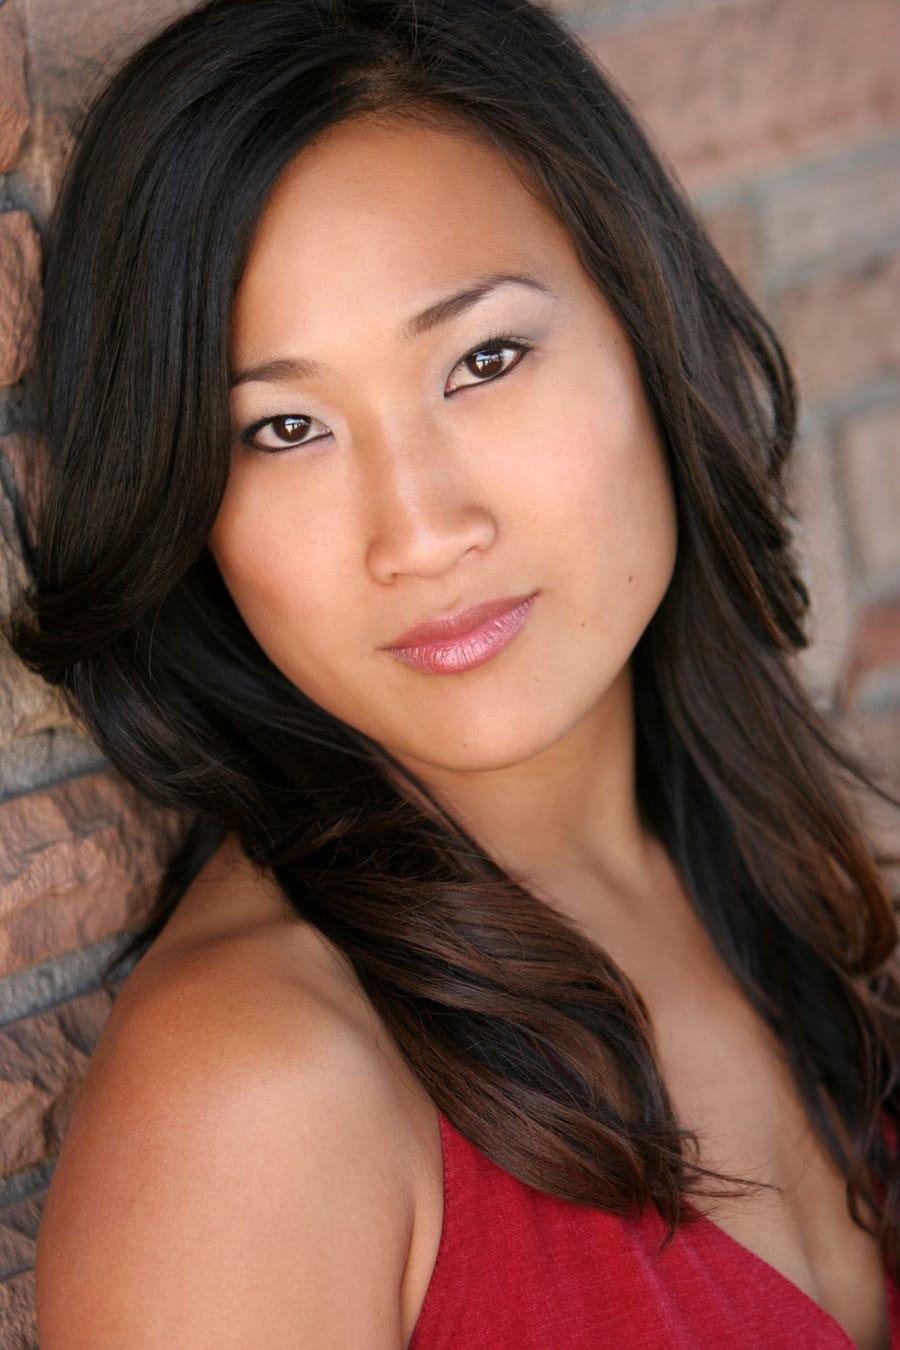 Tina Huang Tina Huang new images